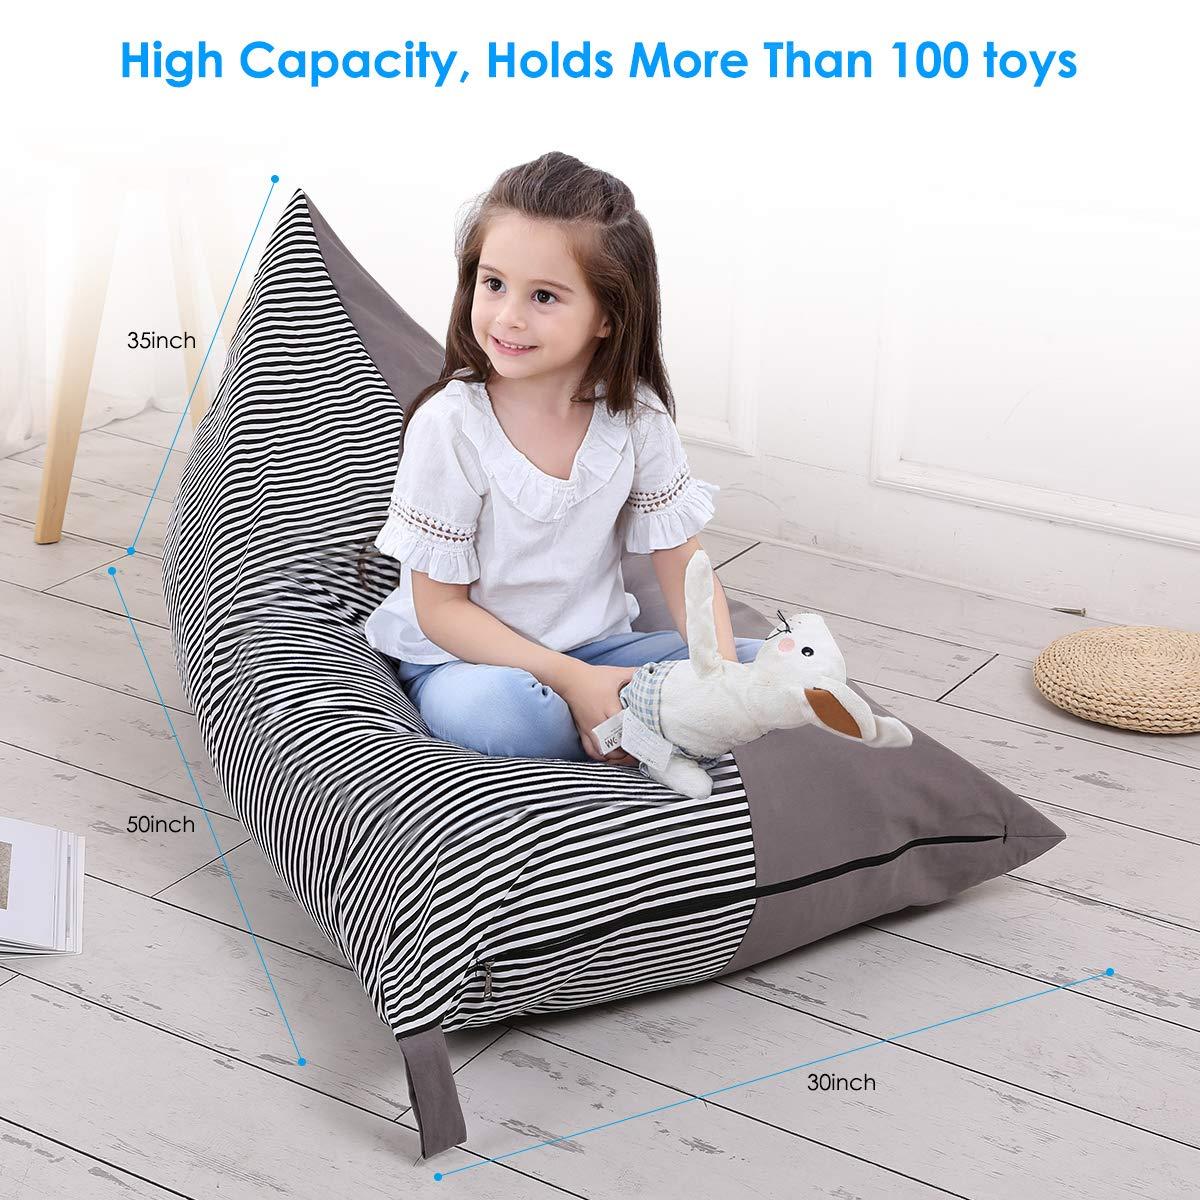 faltbare Boden Stuhl Sofa Kinder Spielzeug Speicherorganisator Extra Gro/ße Spielzeug Aufbewahrungstasche Tier Sitzsack Stuffie Sitz